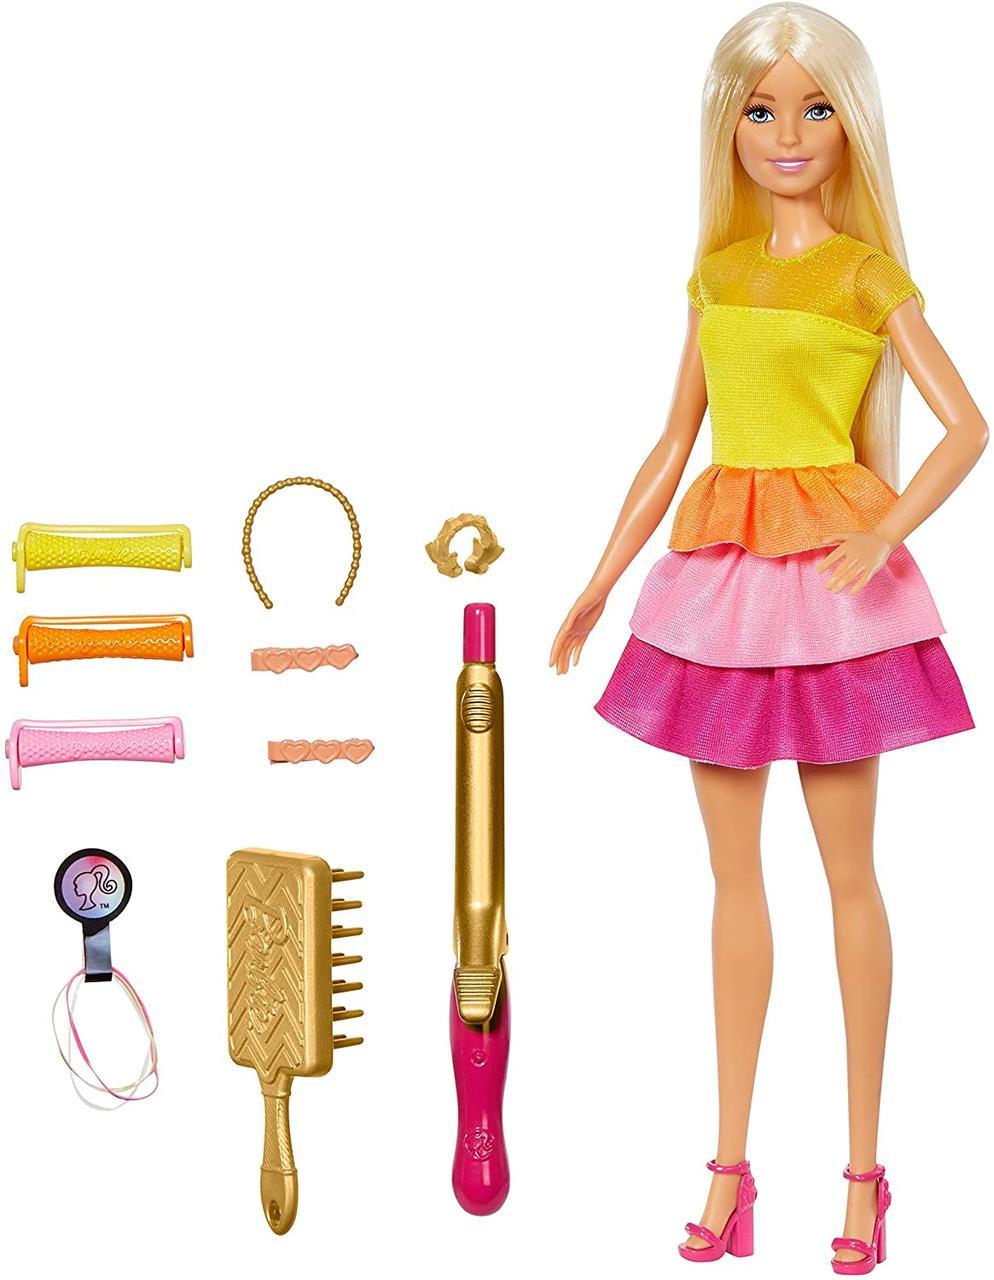 Набор кукла Барби Роскошные волосы локоны с плойкой Barbie Ultimate Curls Doll Blonde оригинал Mattel